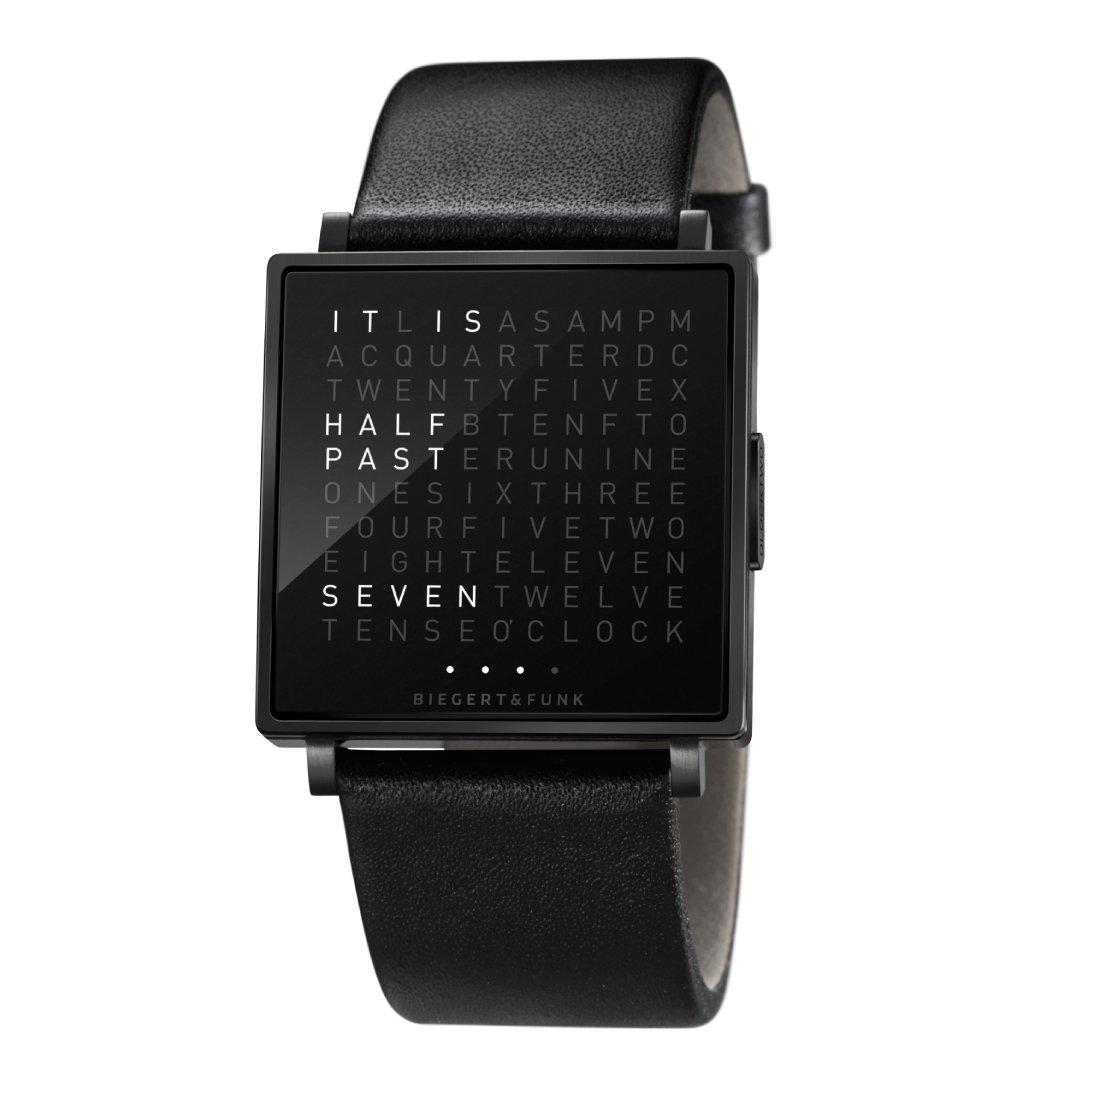 Biegert & Funk Qlocktwo W Horloge, Black Edition Kalfsleder